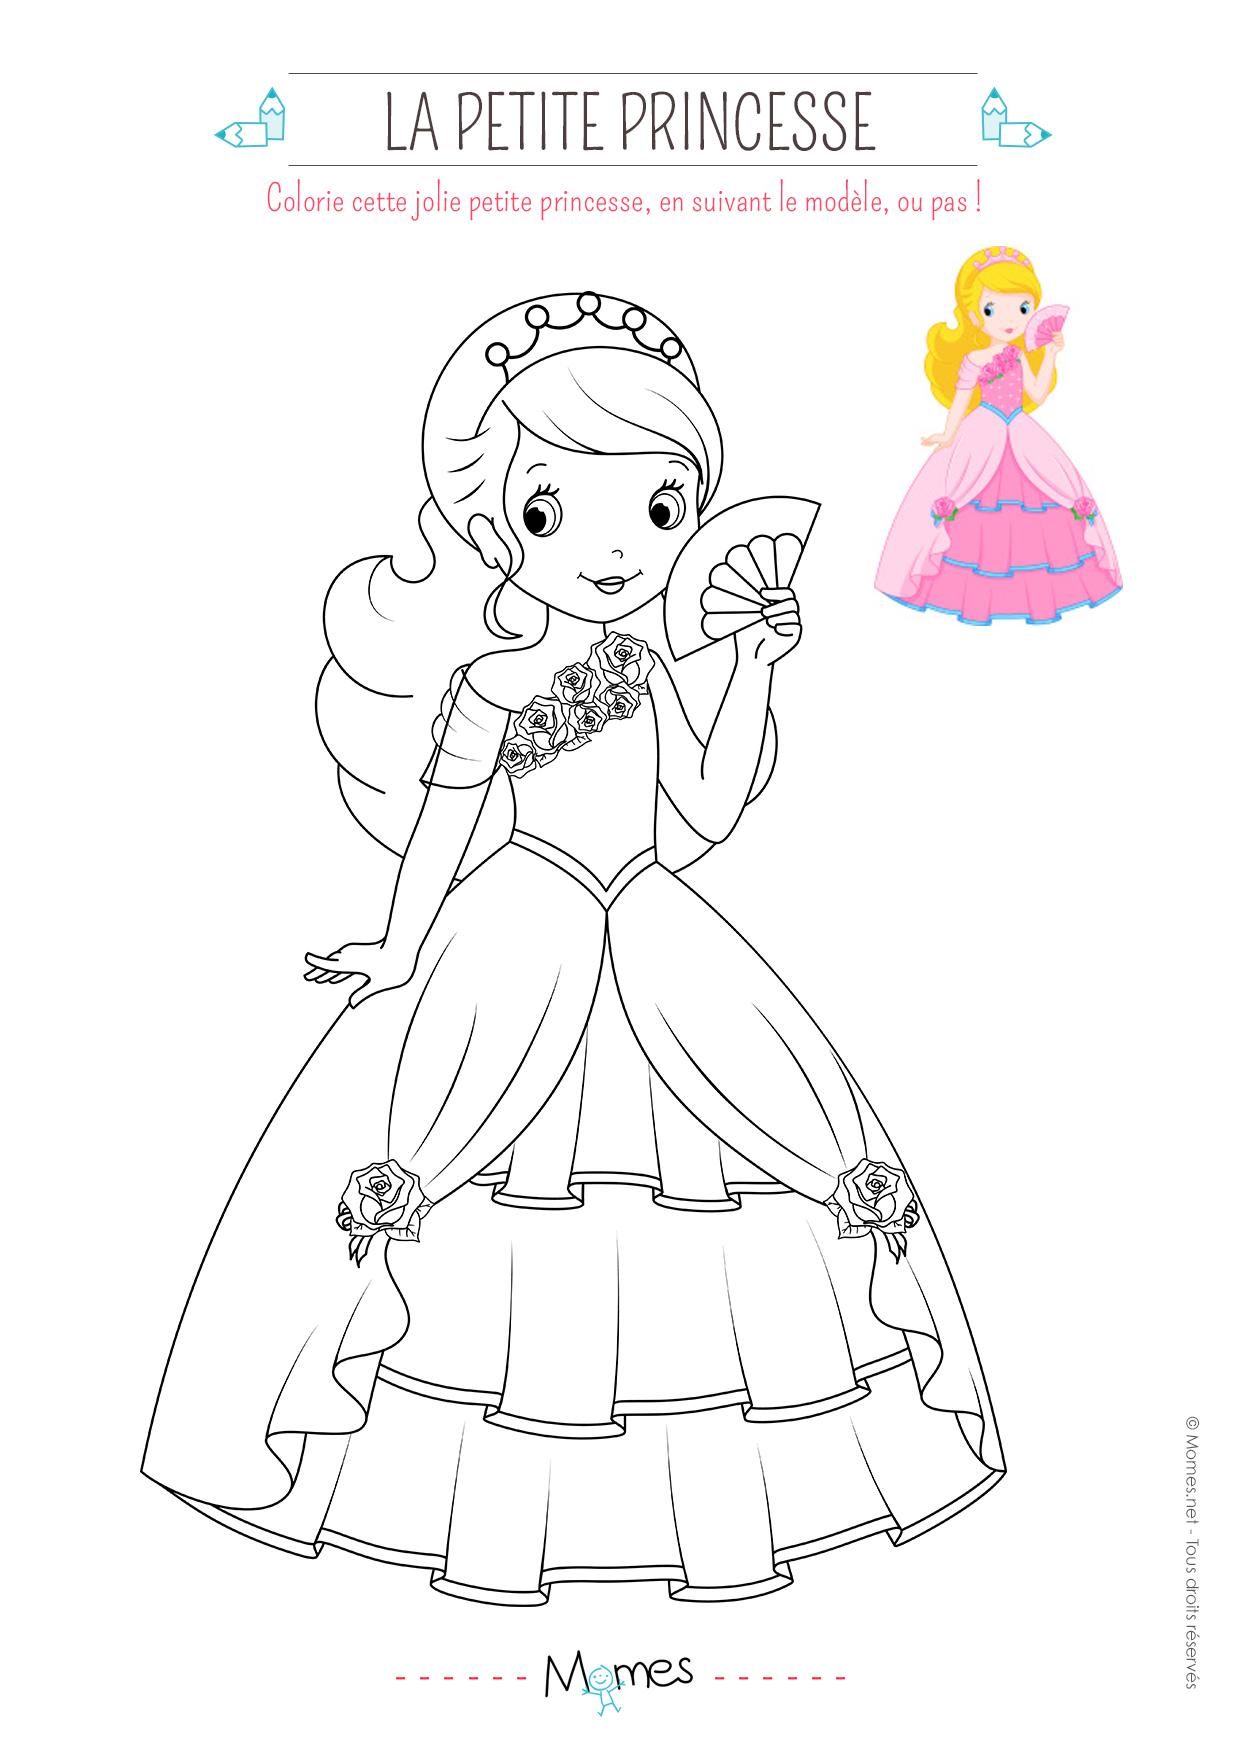 Coloriage De Princesse Avec Modèle - Momes tout Modele Dessin Enfant